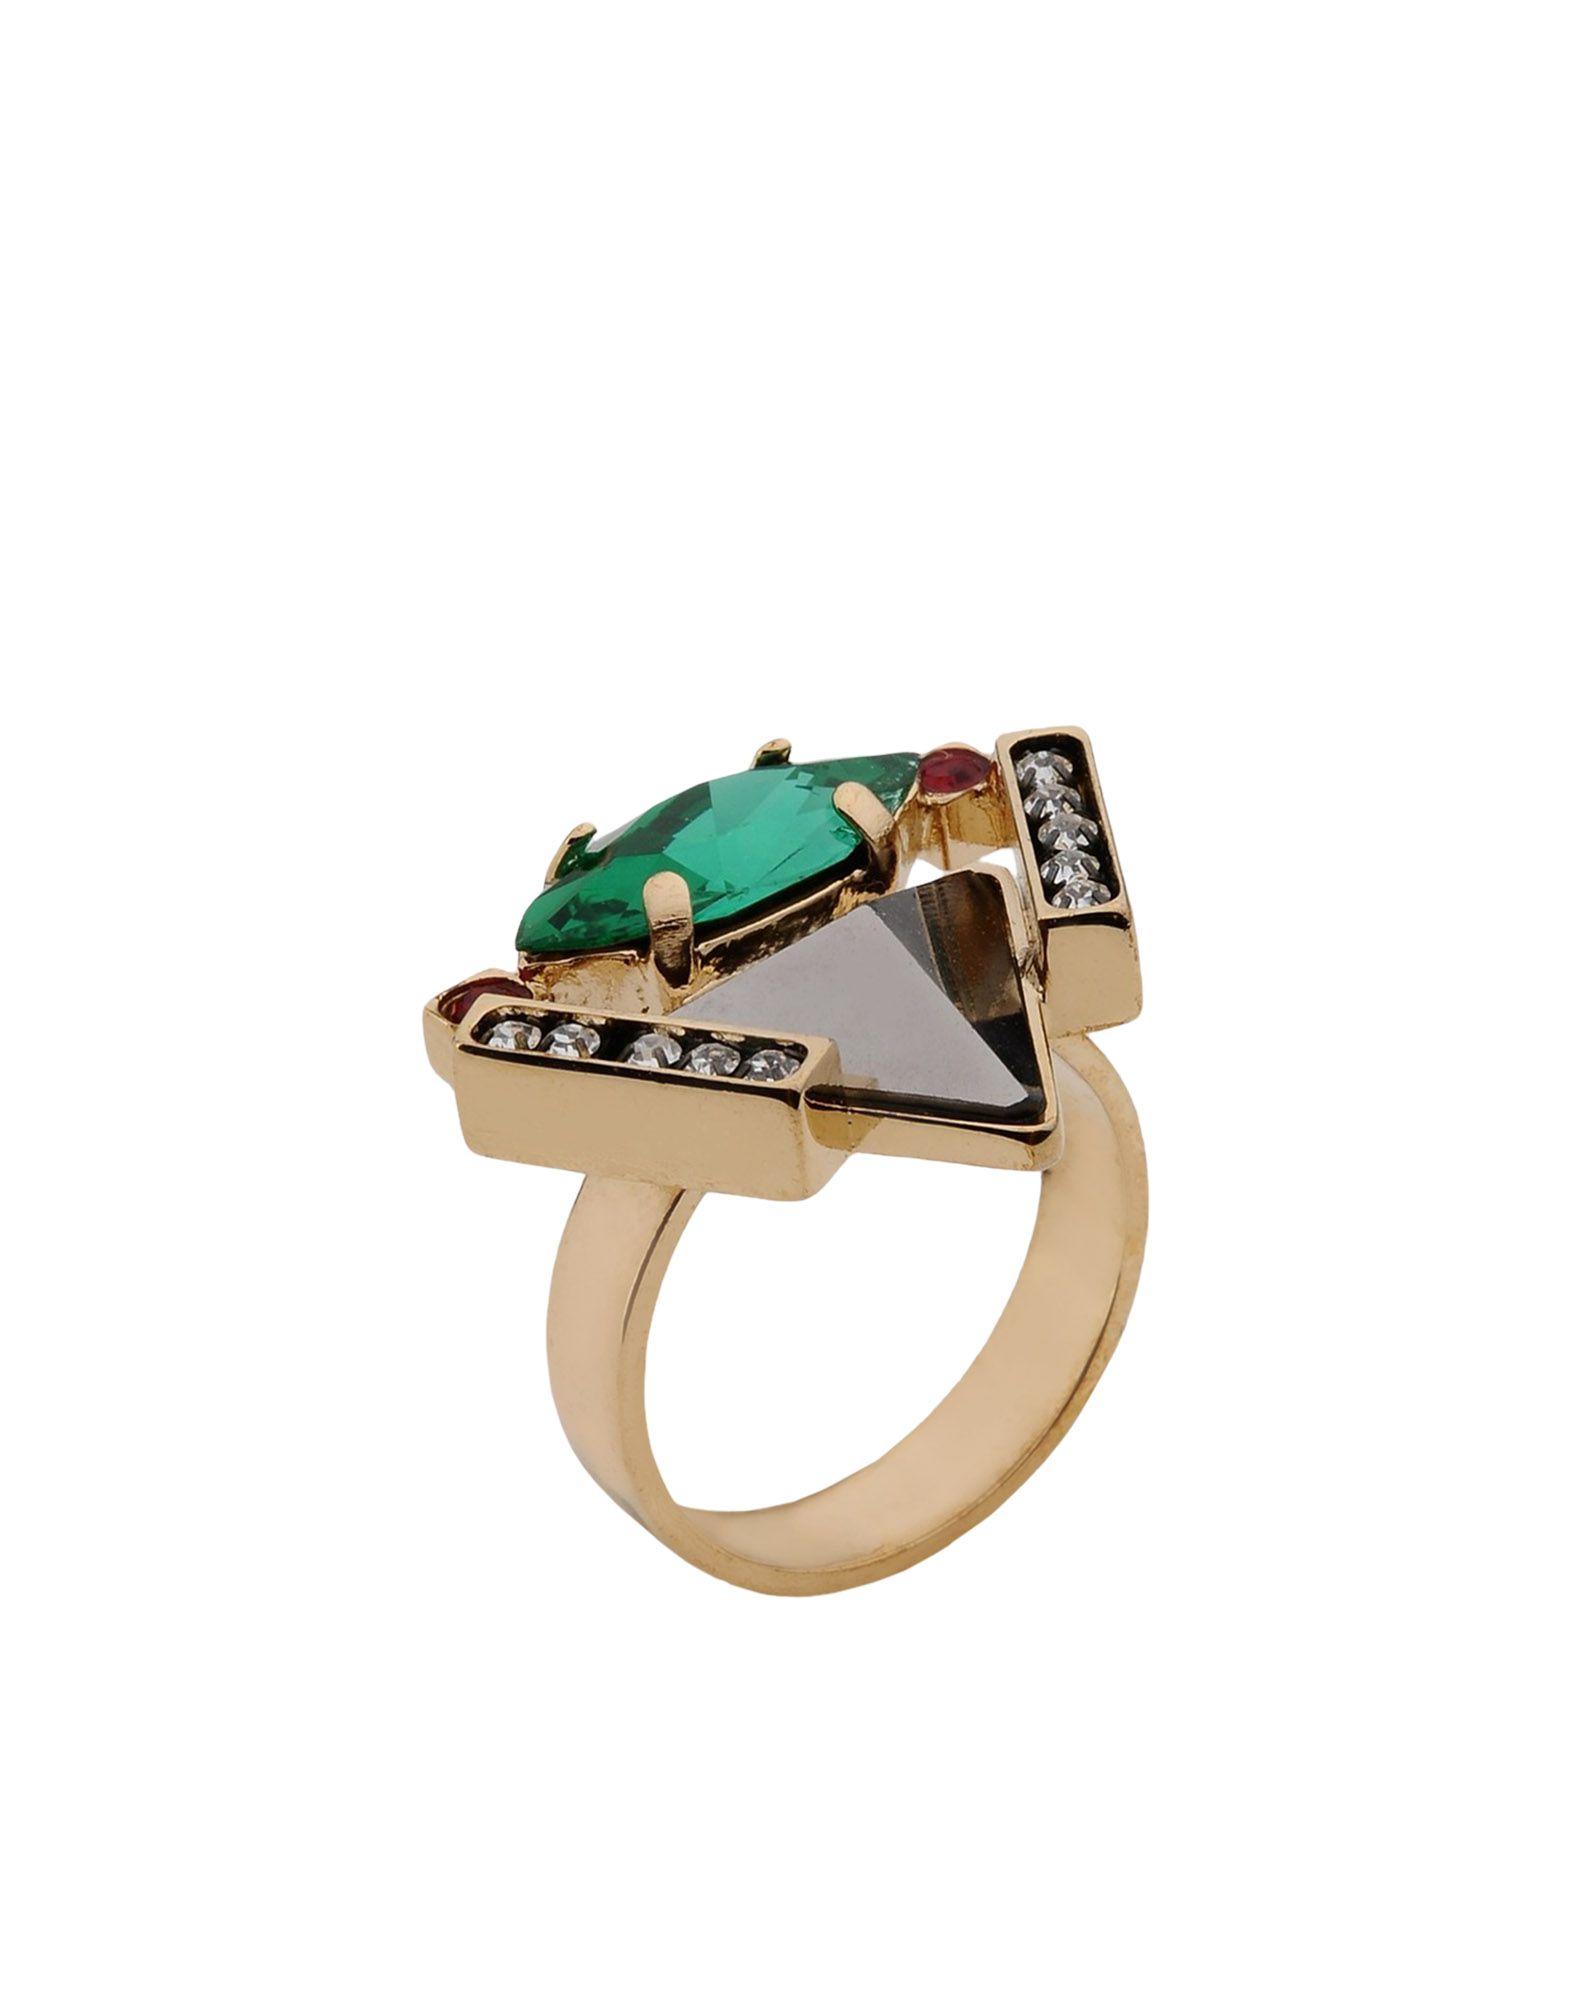 《送料無料》IOSSELLIANI レディース 指輪 鉛色 15 金属